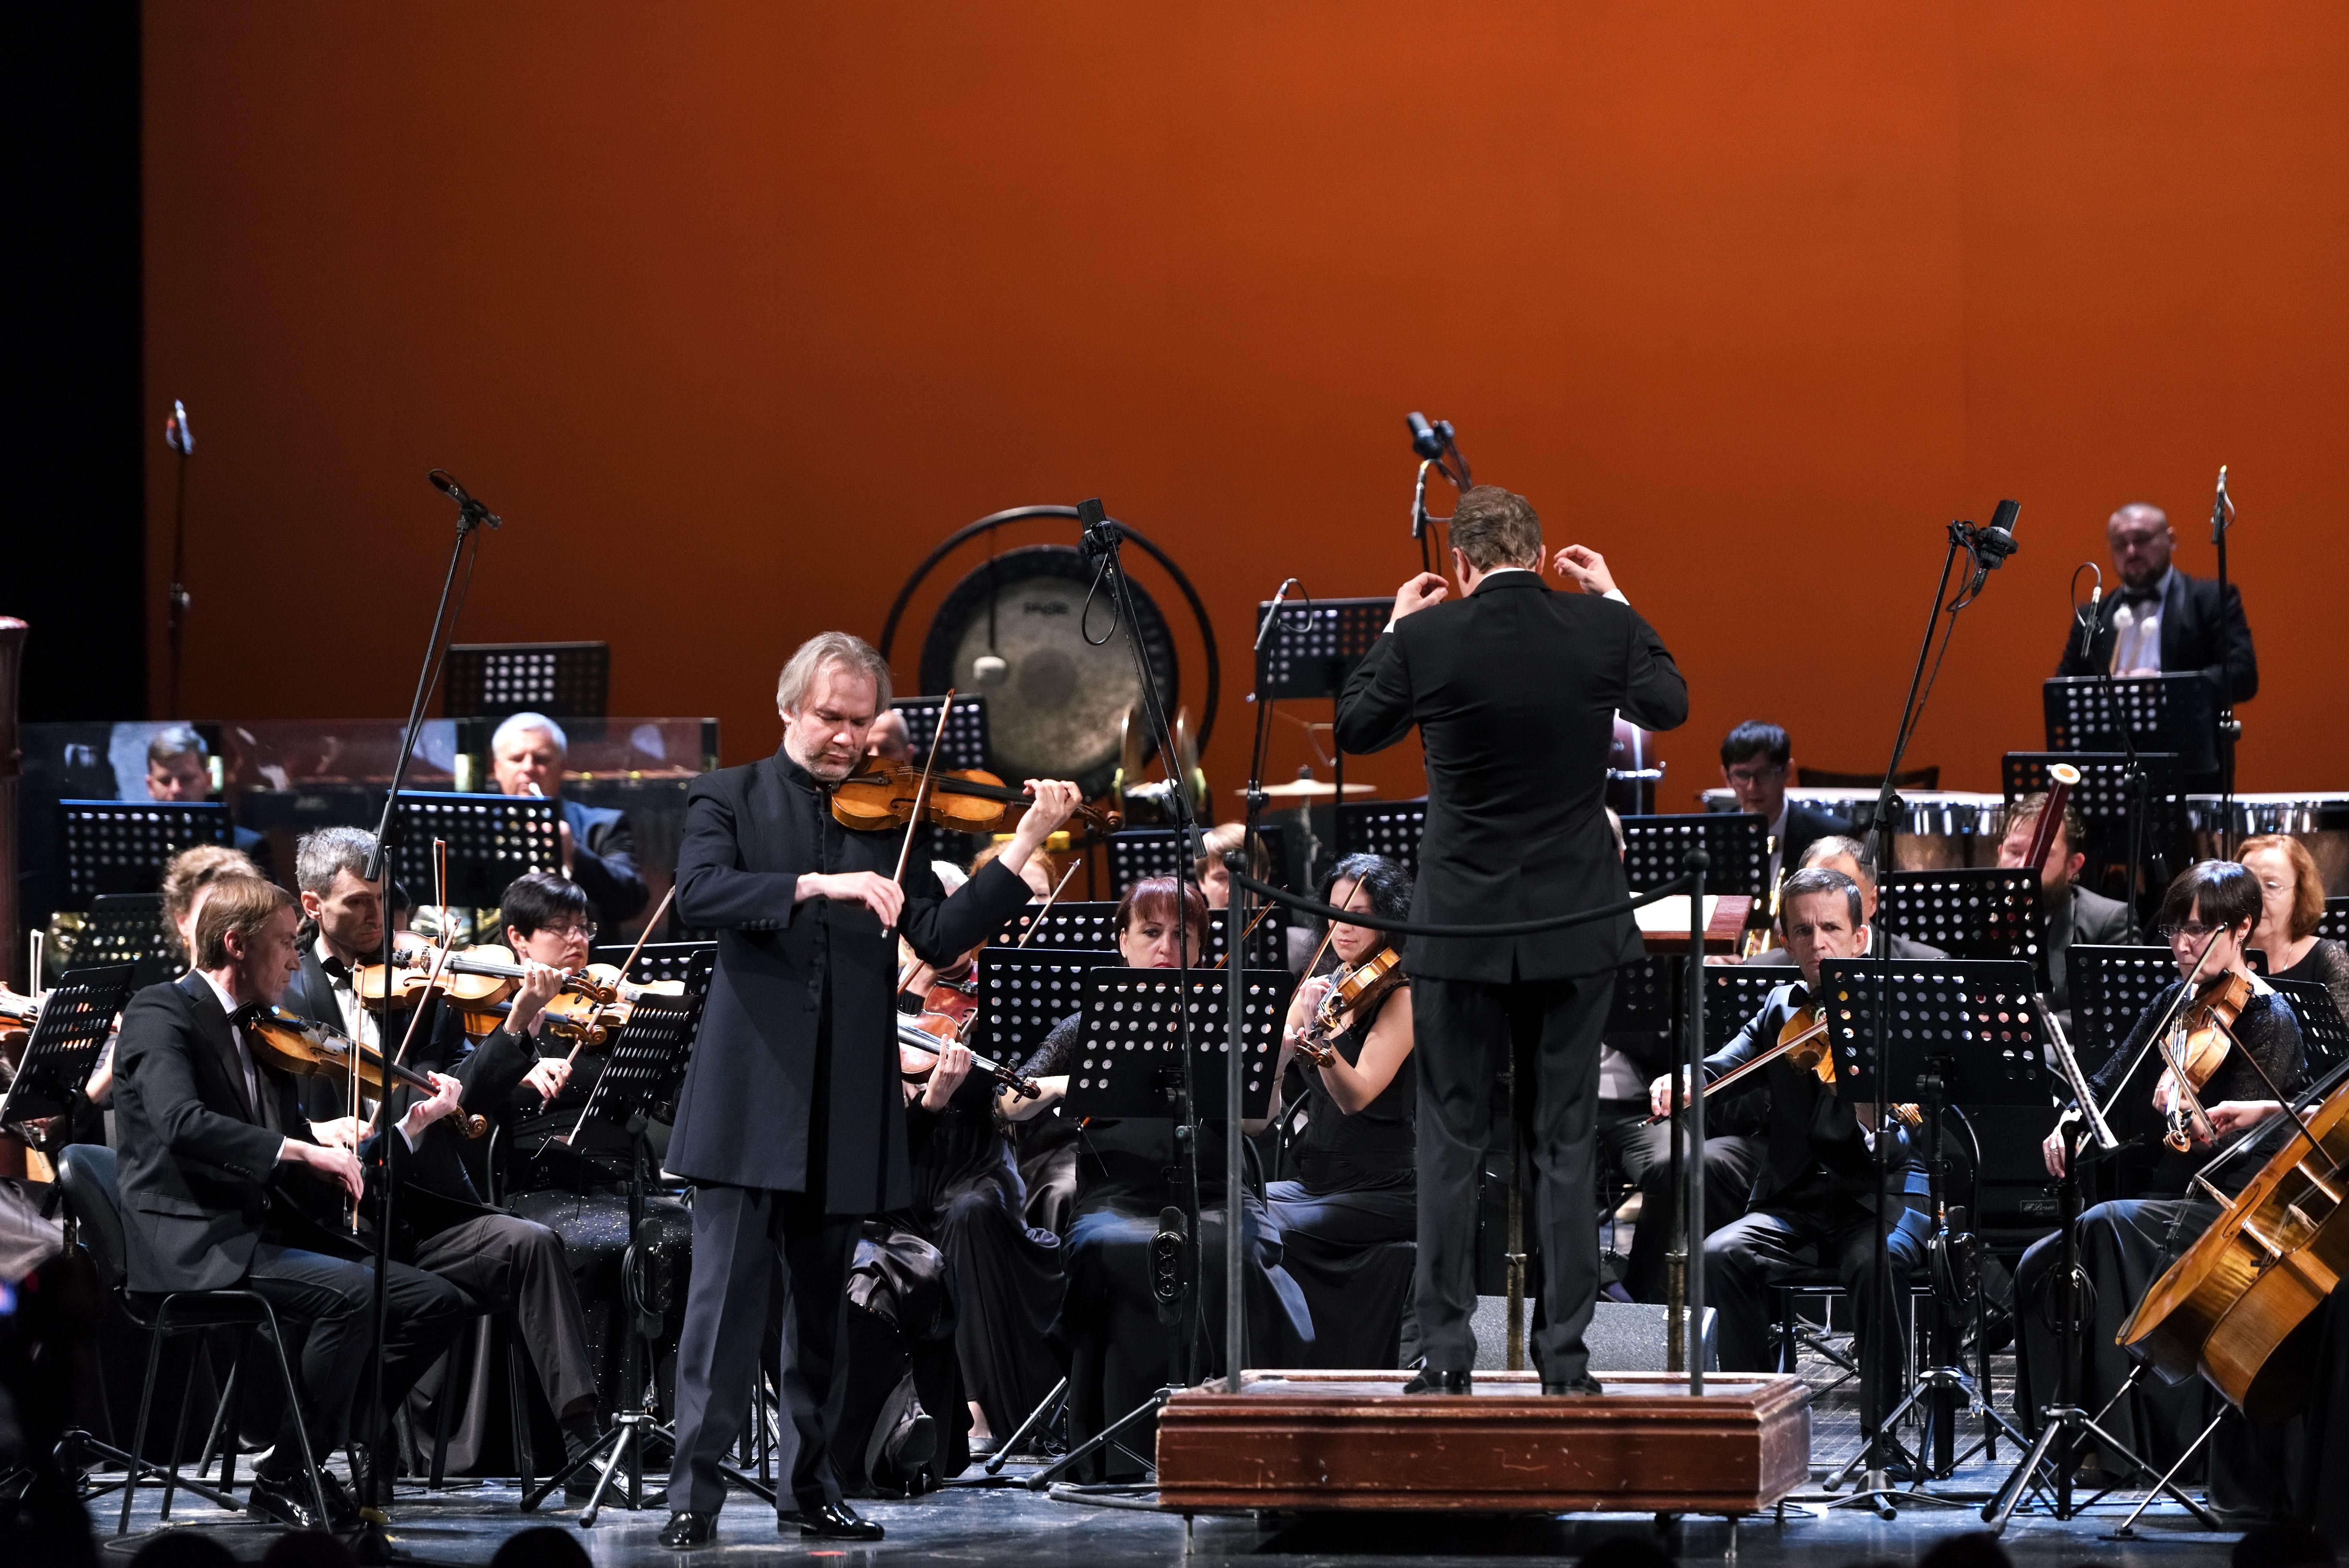 В Астраханском театре Оперы и Балета прозвучали шедевры русских композиторов